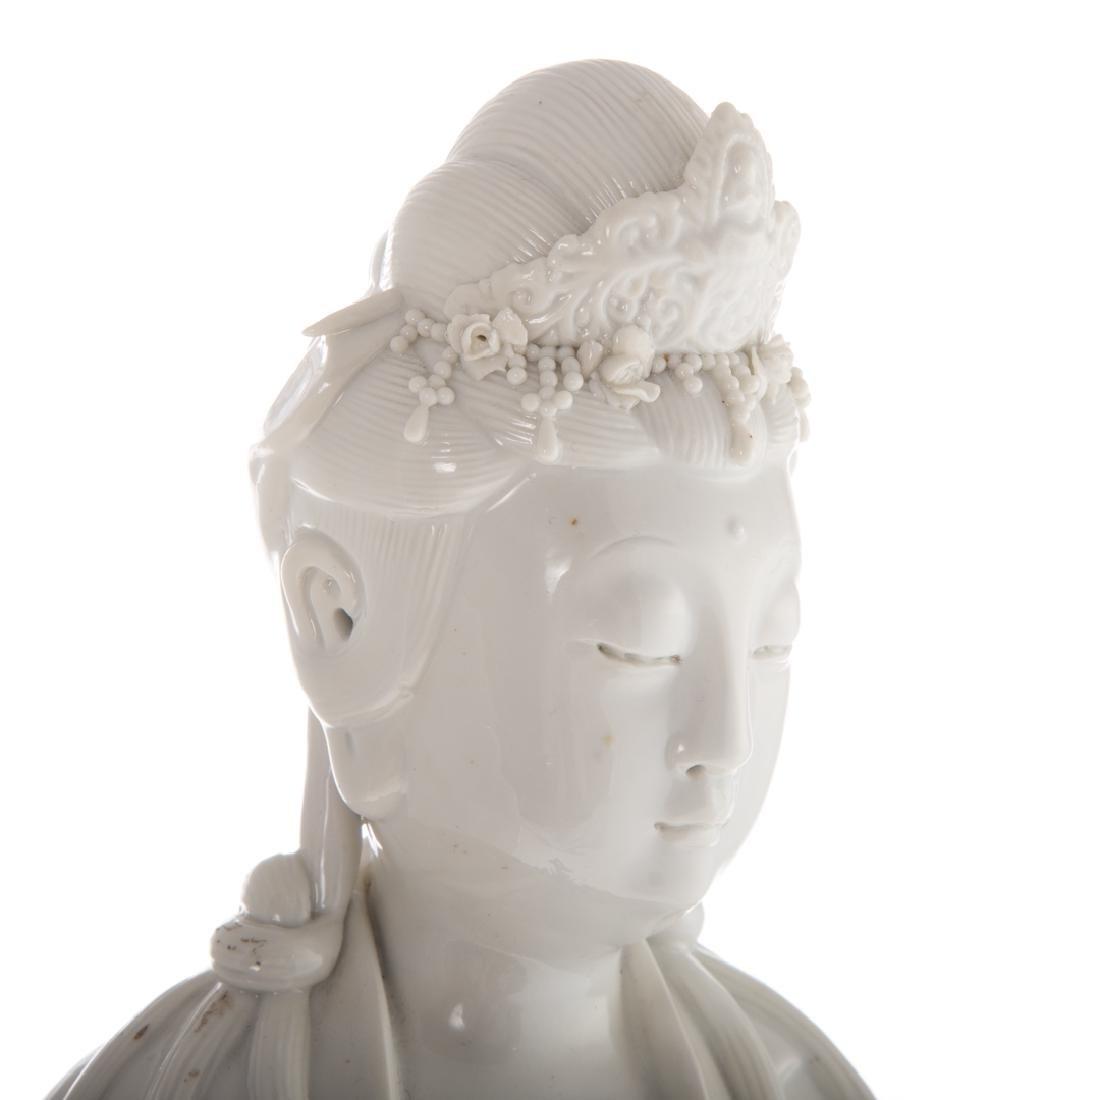 Chinese Blanc-de-Chine porcelain Quan yin - 6